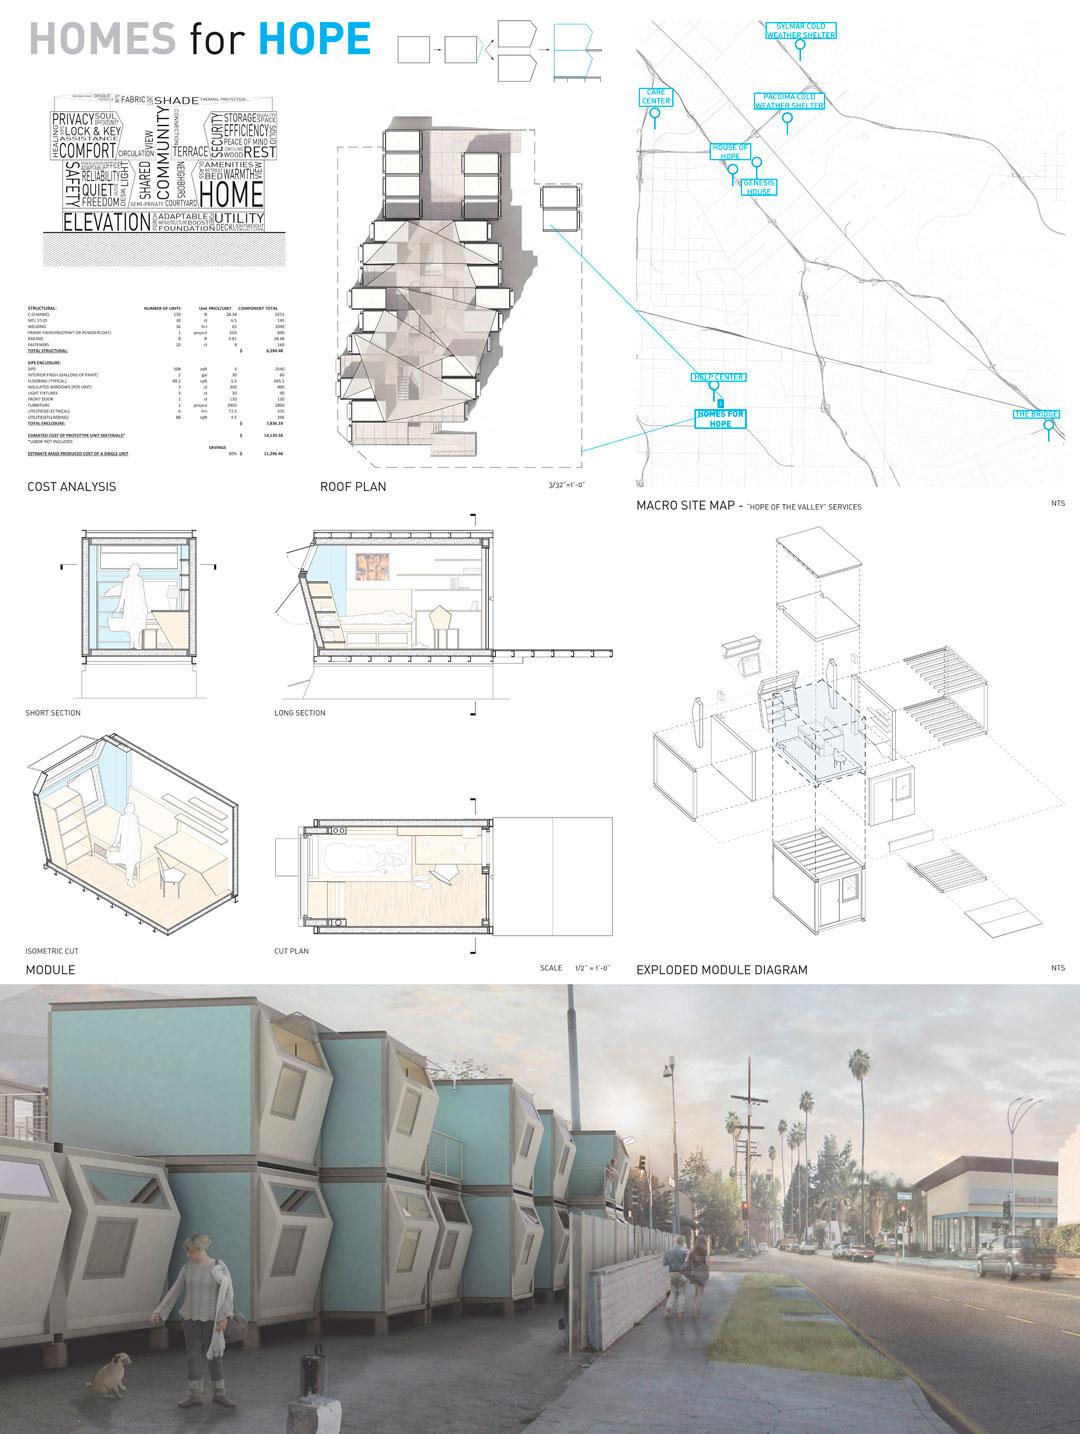 projeto-habitacao-sem-teto-arquitetura-design-universidade-california-800-04